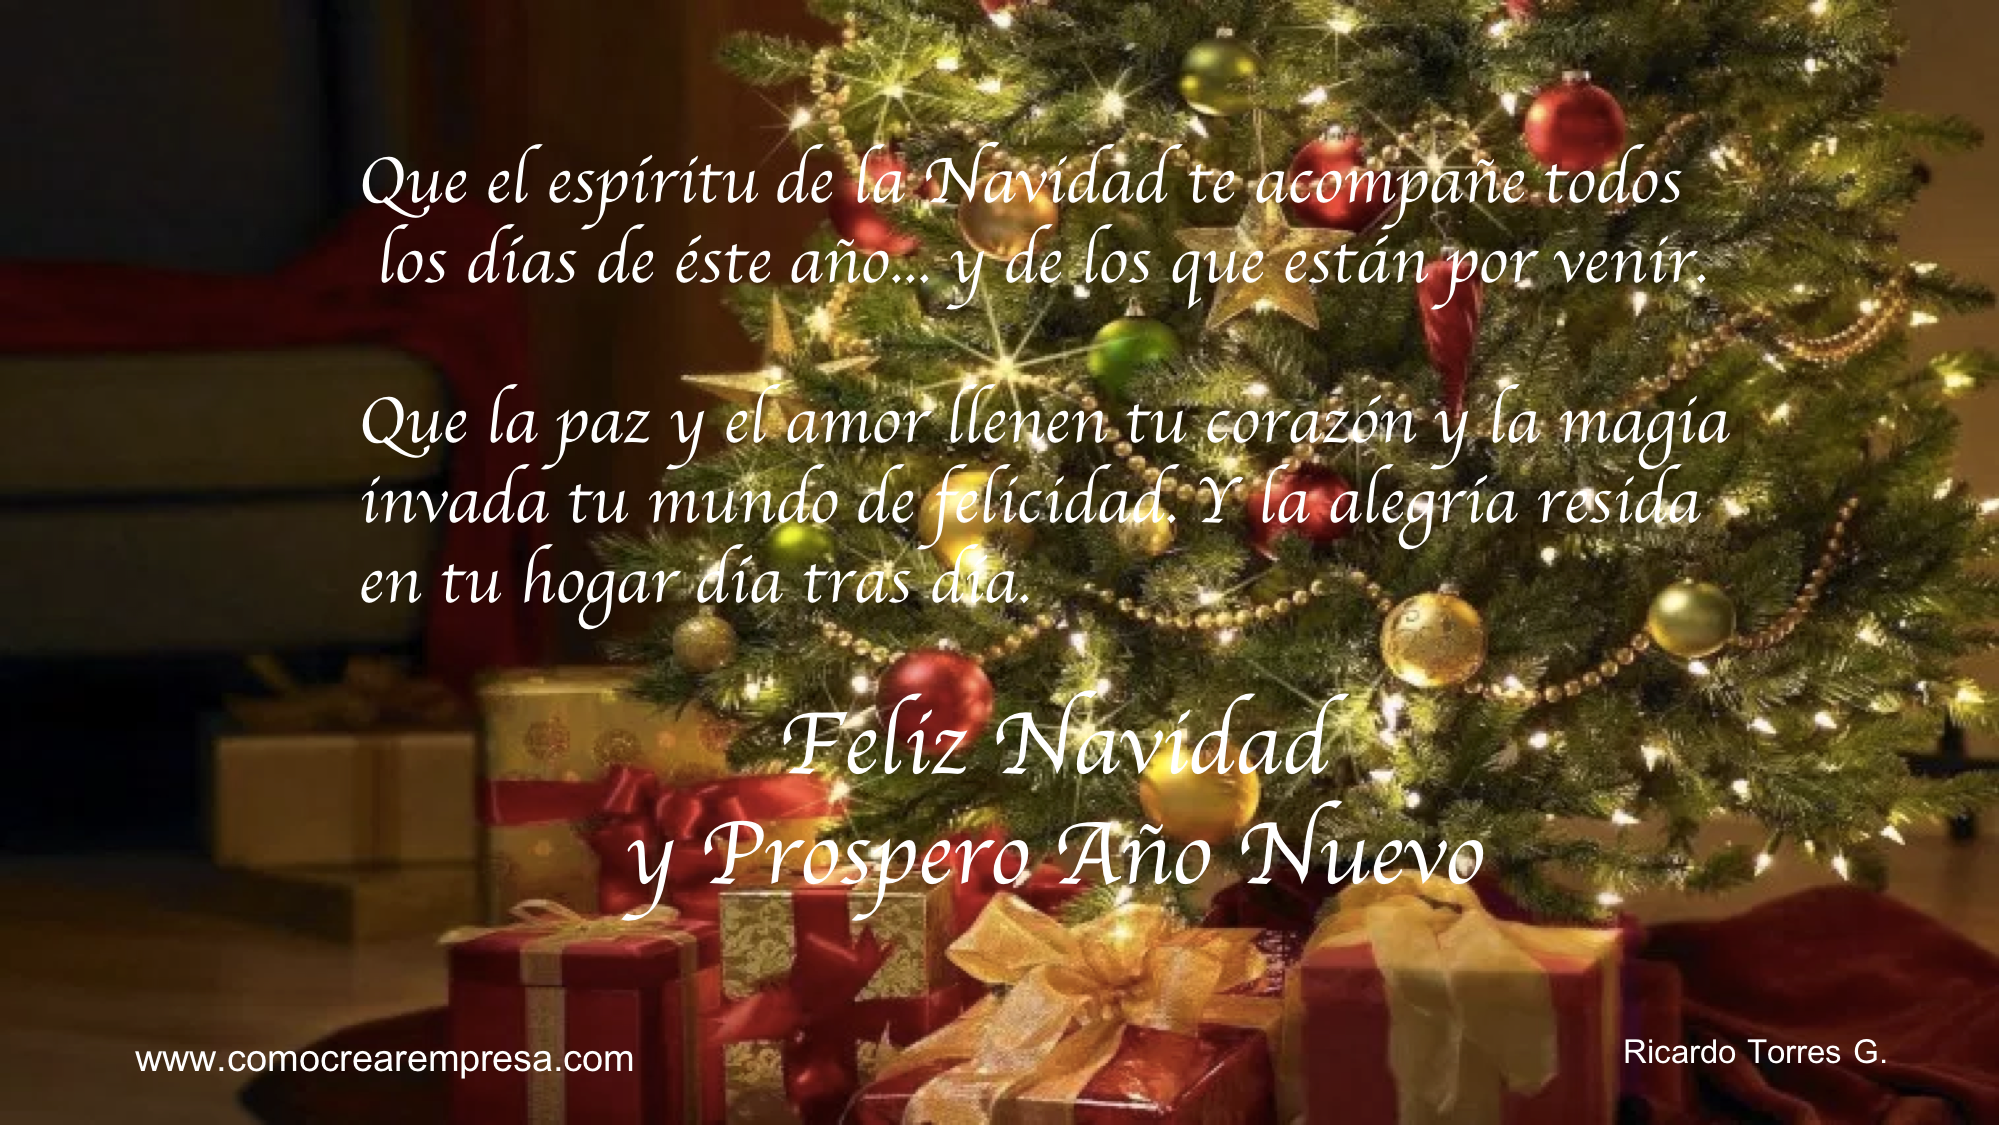 [Vídeo] Feliz Navidad y Prospero Año Nuevo